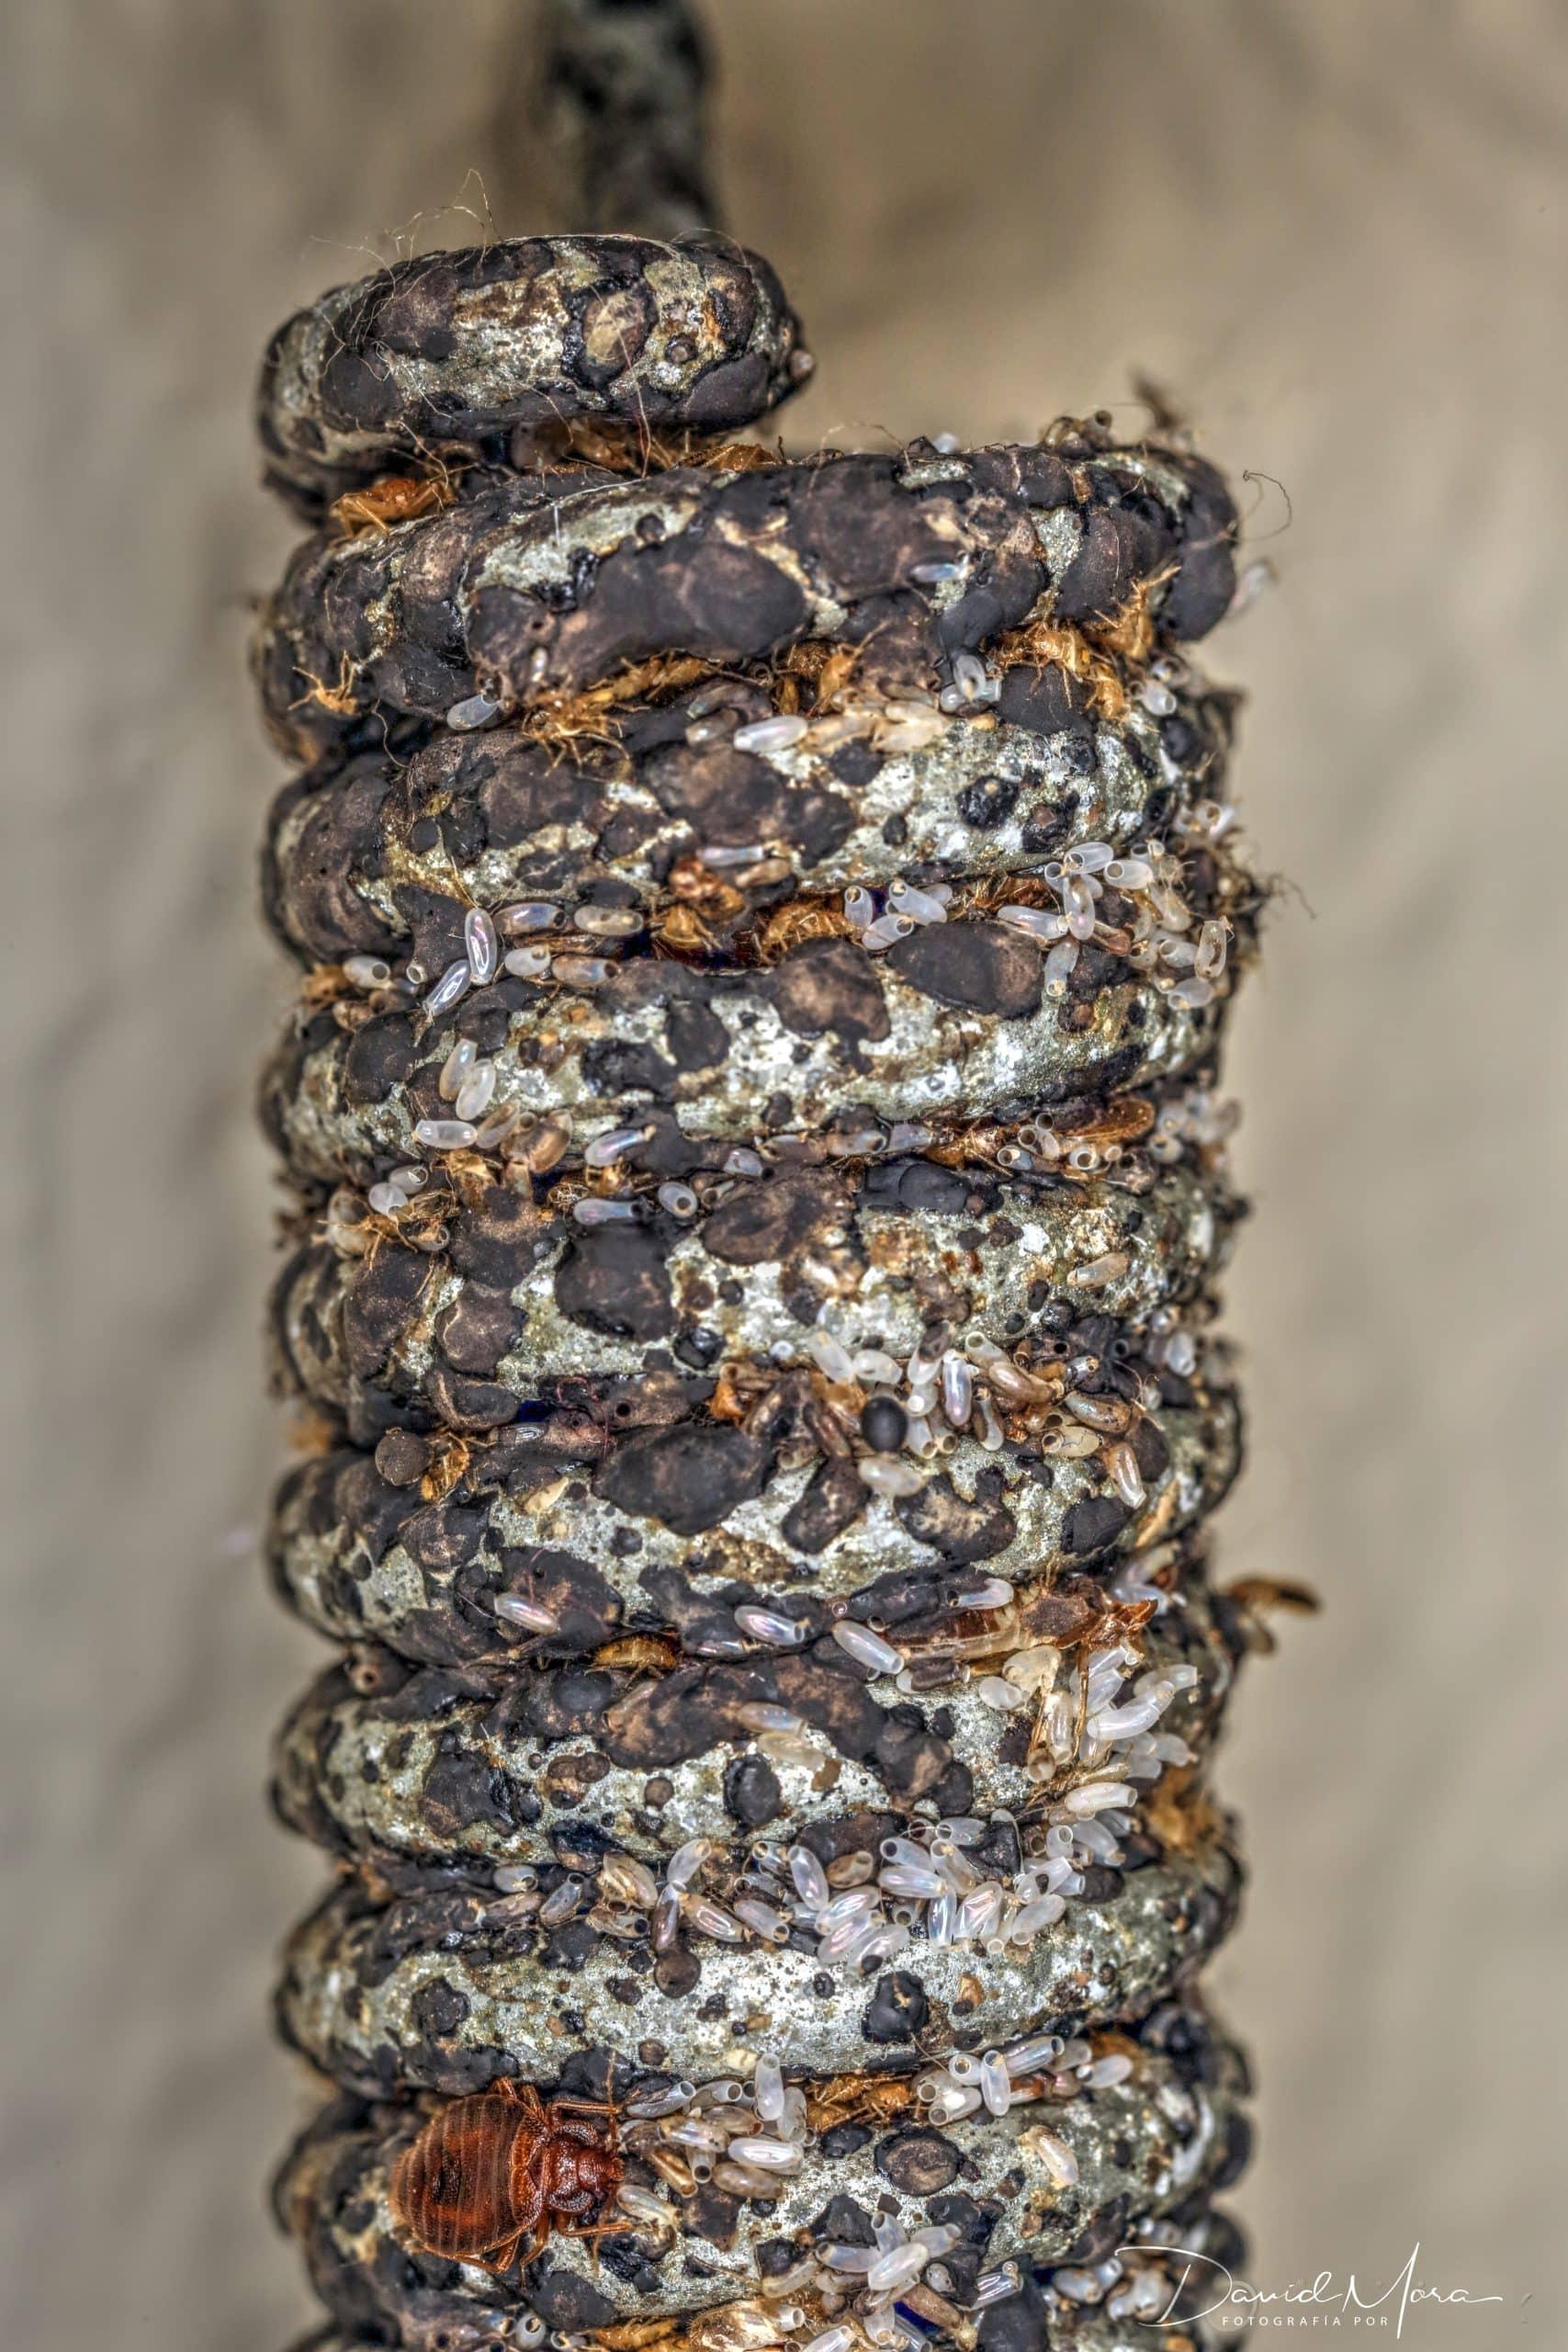 Chinches (adultos, ninfas y huevos) en muelle de una cama